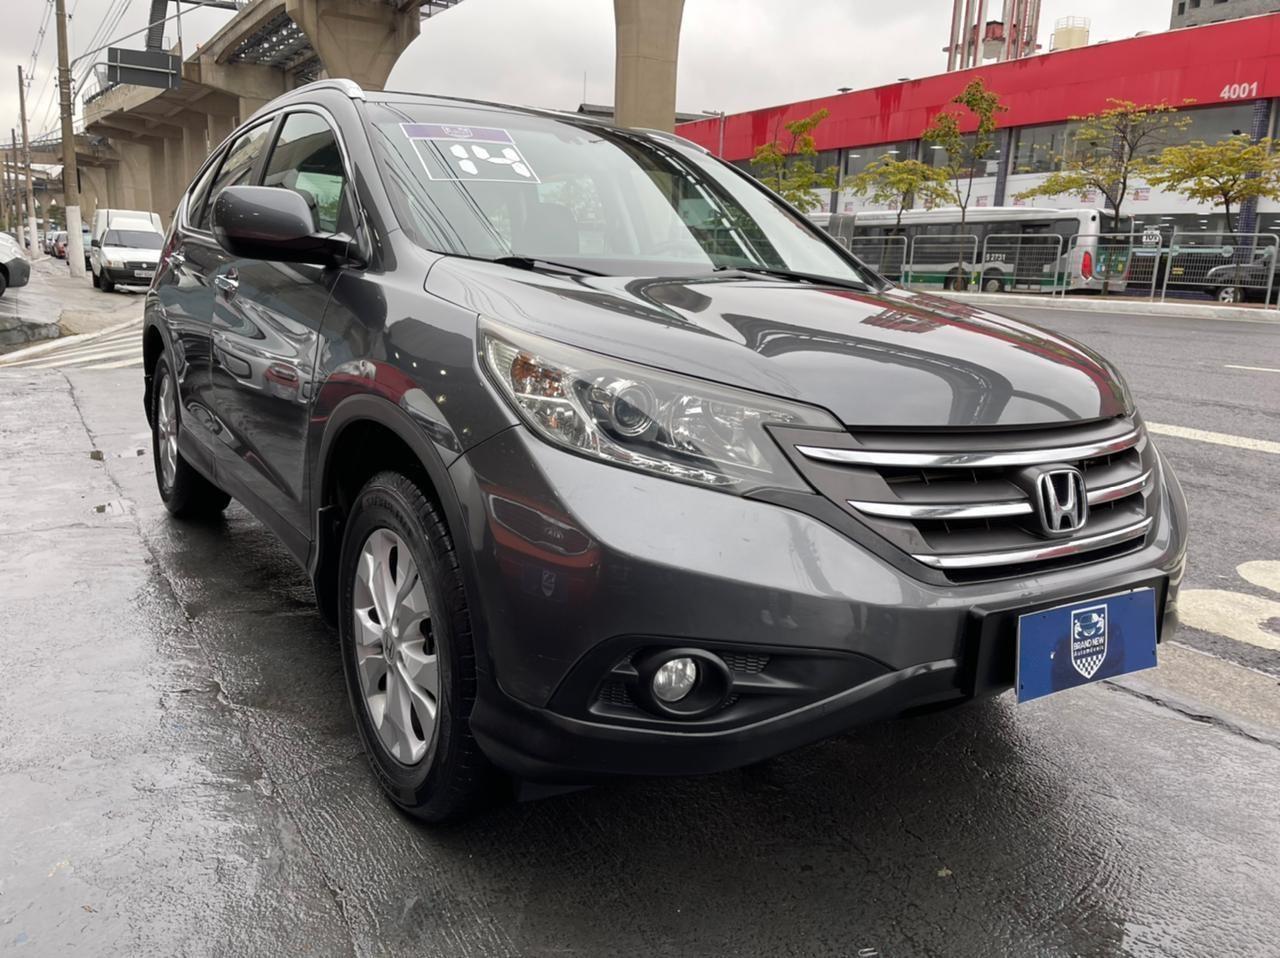 //www.autoline.com.br/carro/honda/cr-v-20-exl-16v-flex-4p-automatico/2014/sao-paulo-sp/15252650